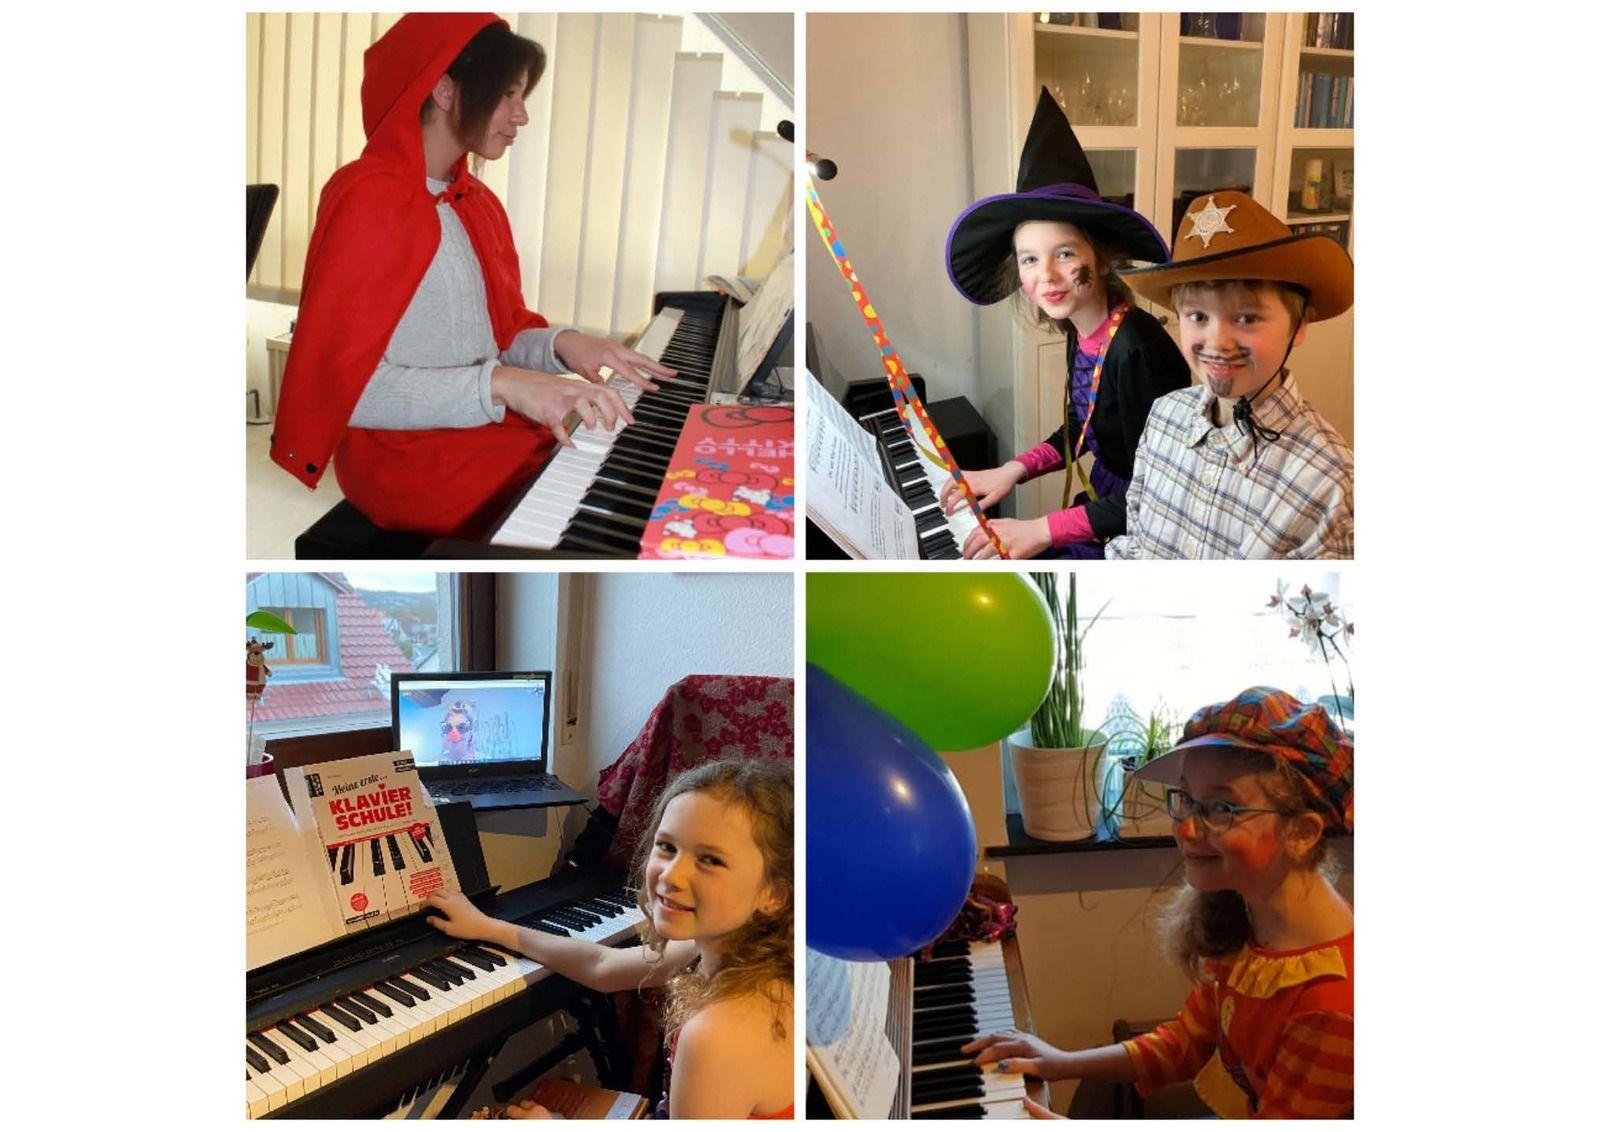 Unterricht machte in der Faschingswoche an der Sing- und Musikschule Veitshöchheim sehr viel Spaß